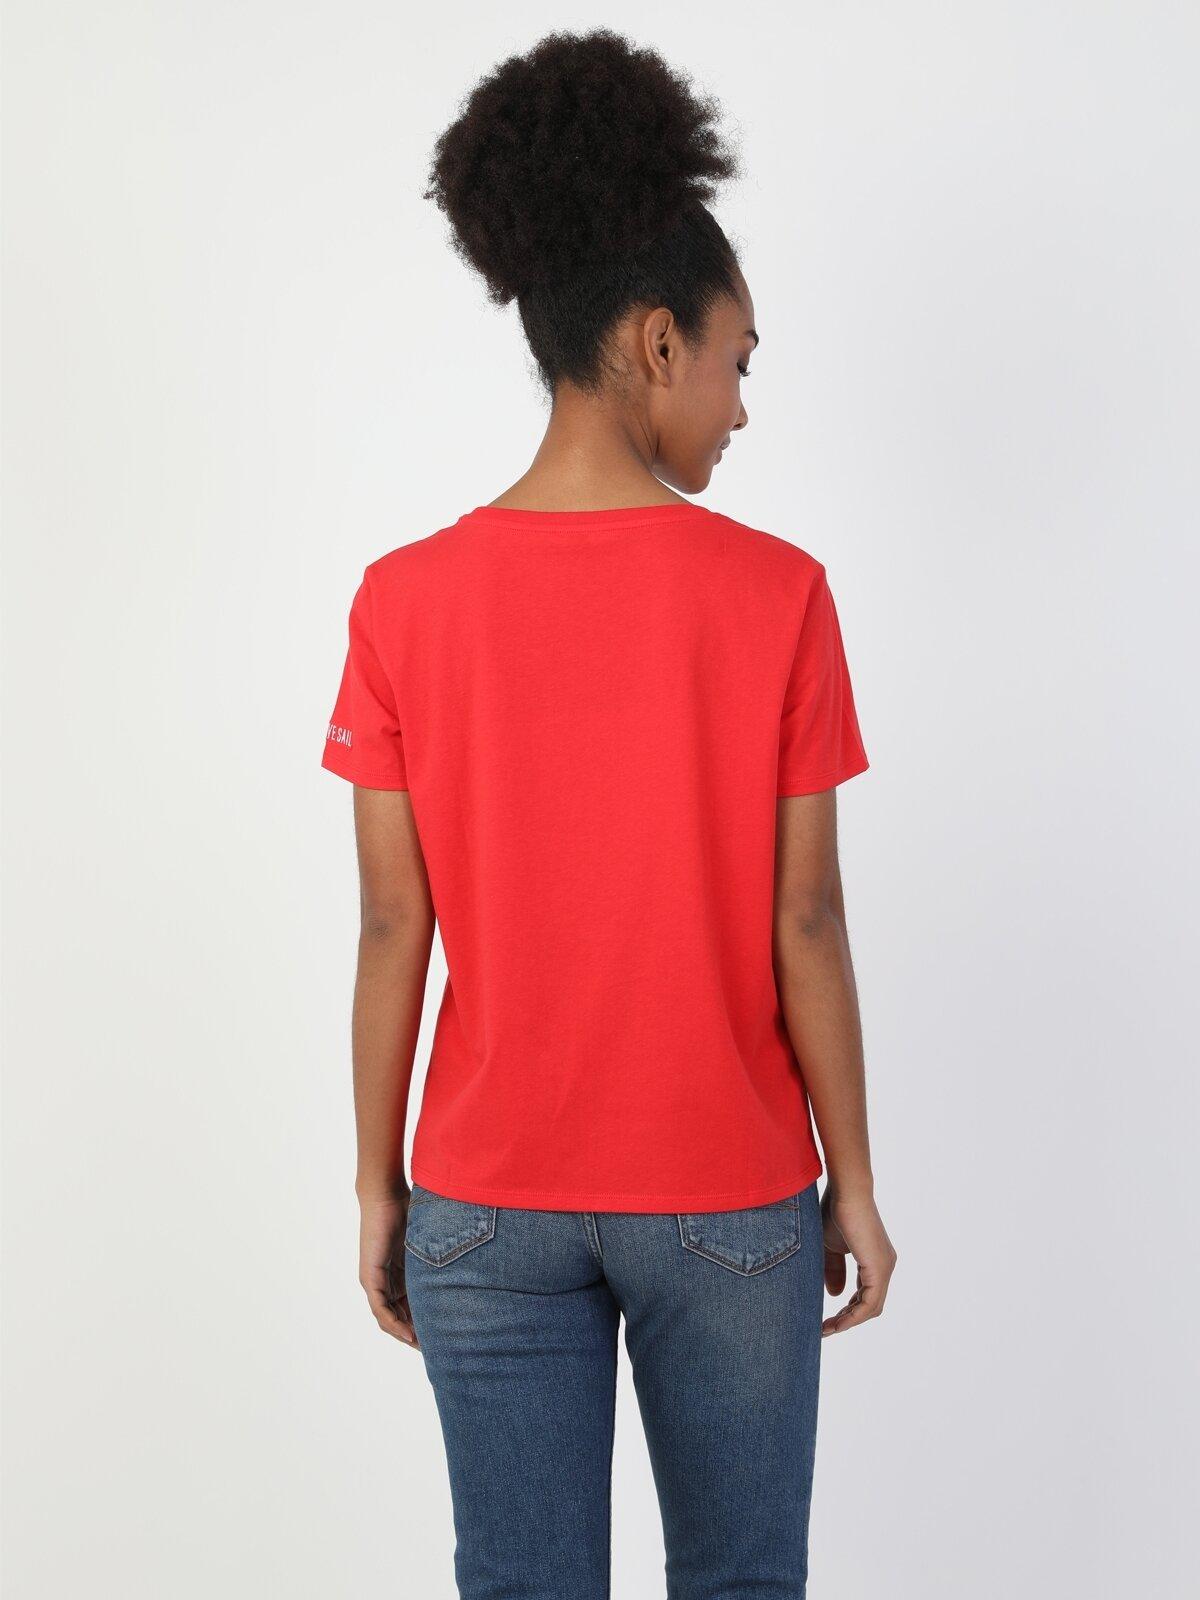 Regular Fit Bisiklet Yaka Örme Kadın Kırmızı Kısa Kol Tişört